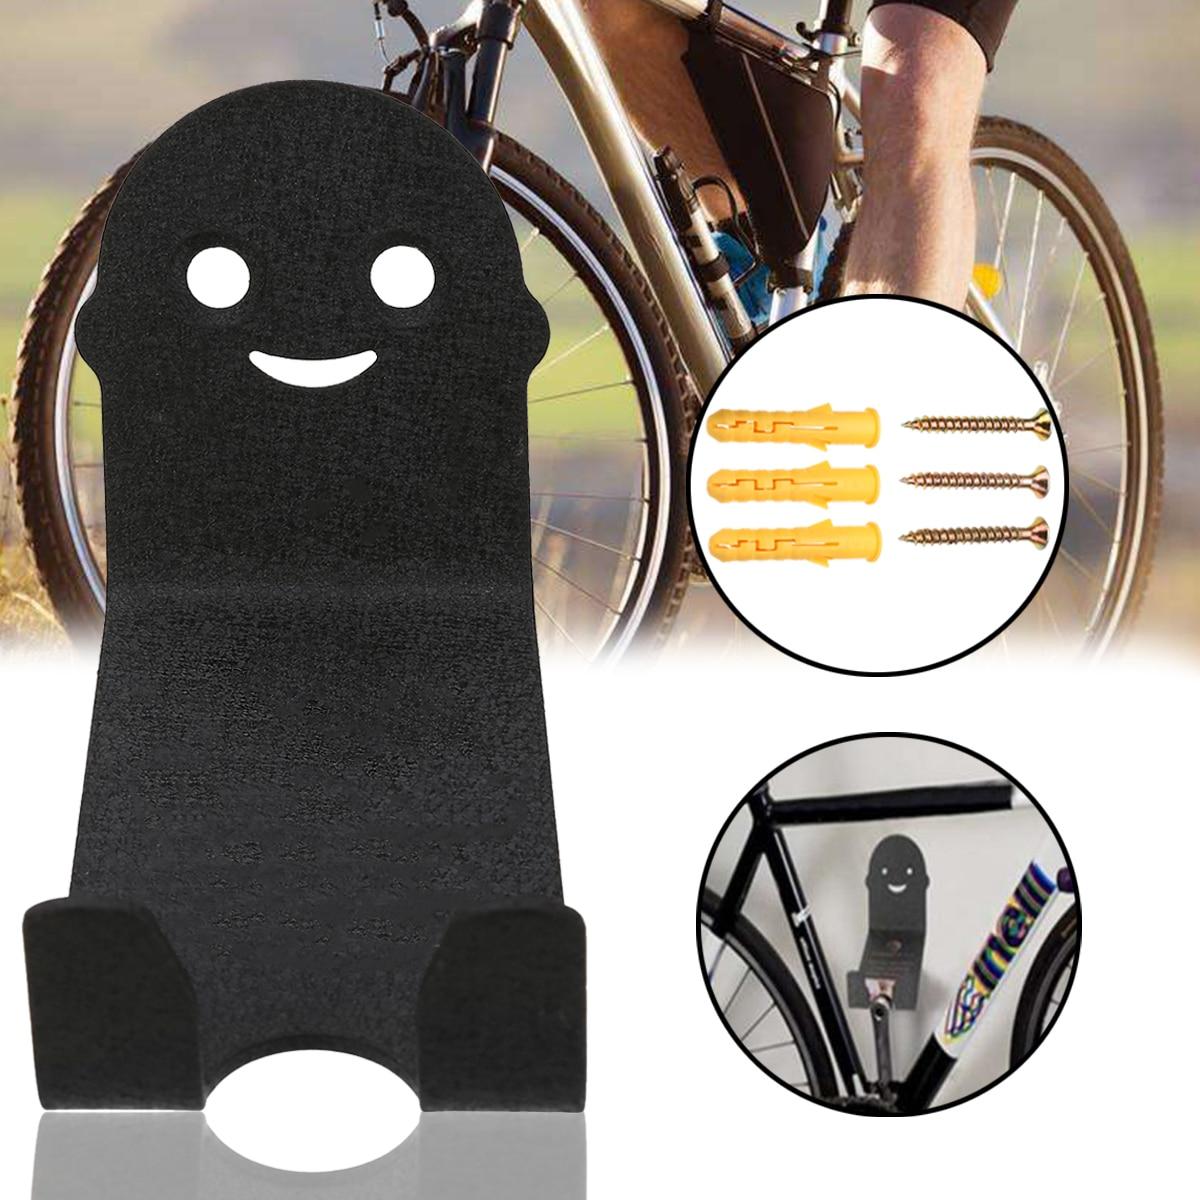 Велосипедная педаль, настенное крепление, вешалка для хранения, стойка, стальная подставка, велосипедная педаль, вешалка для хранения шин, аксессуары для велосипедной стойки